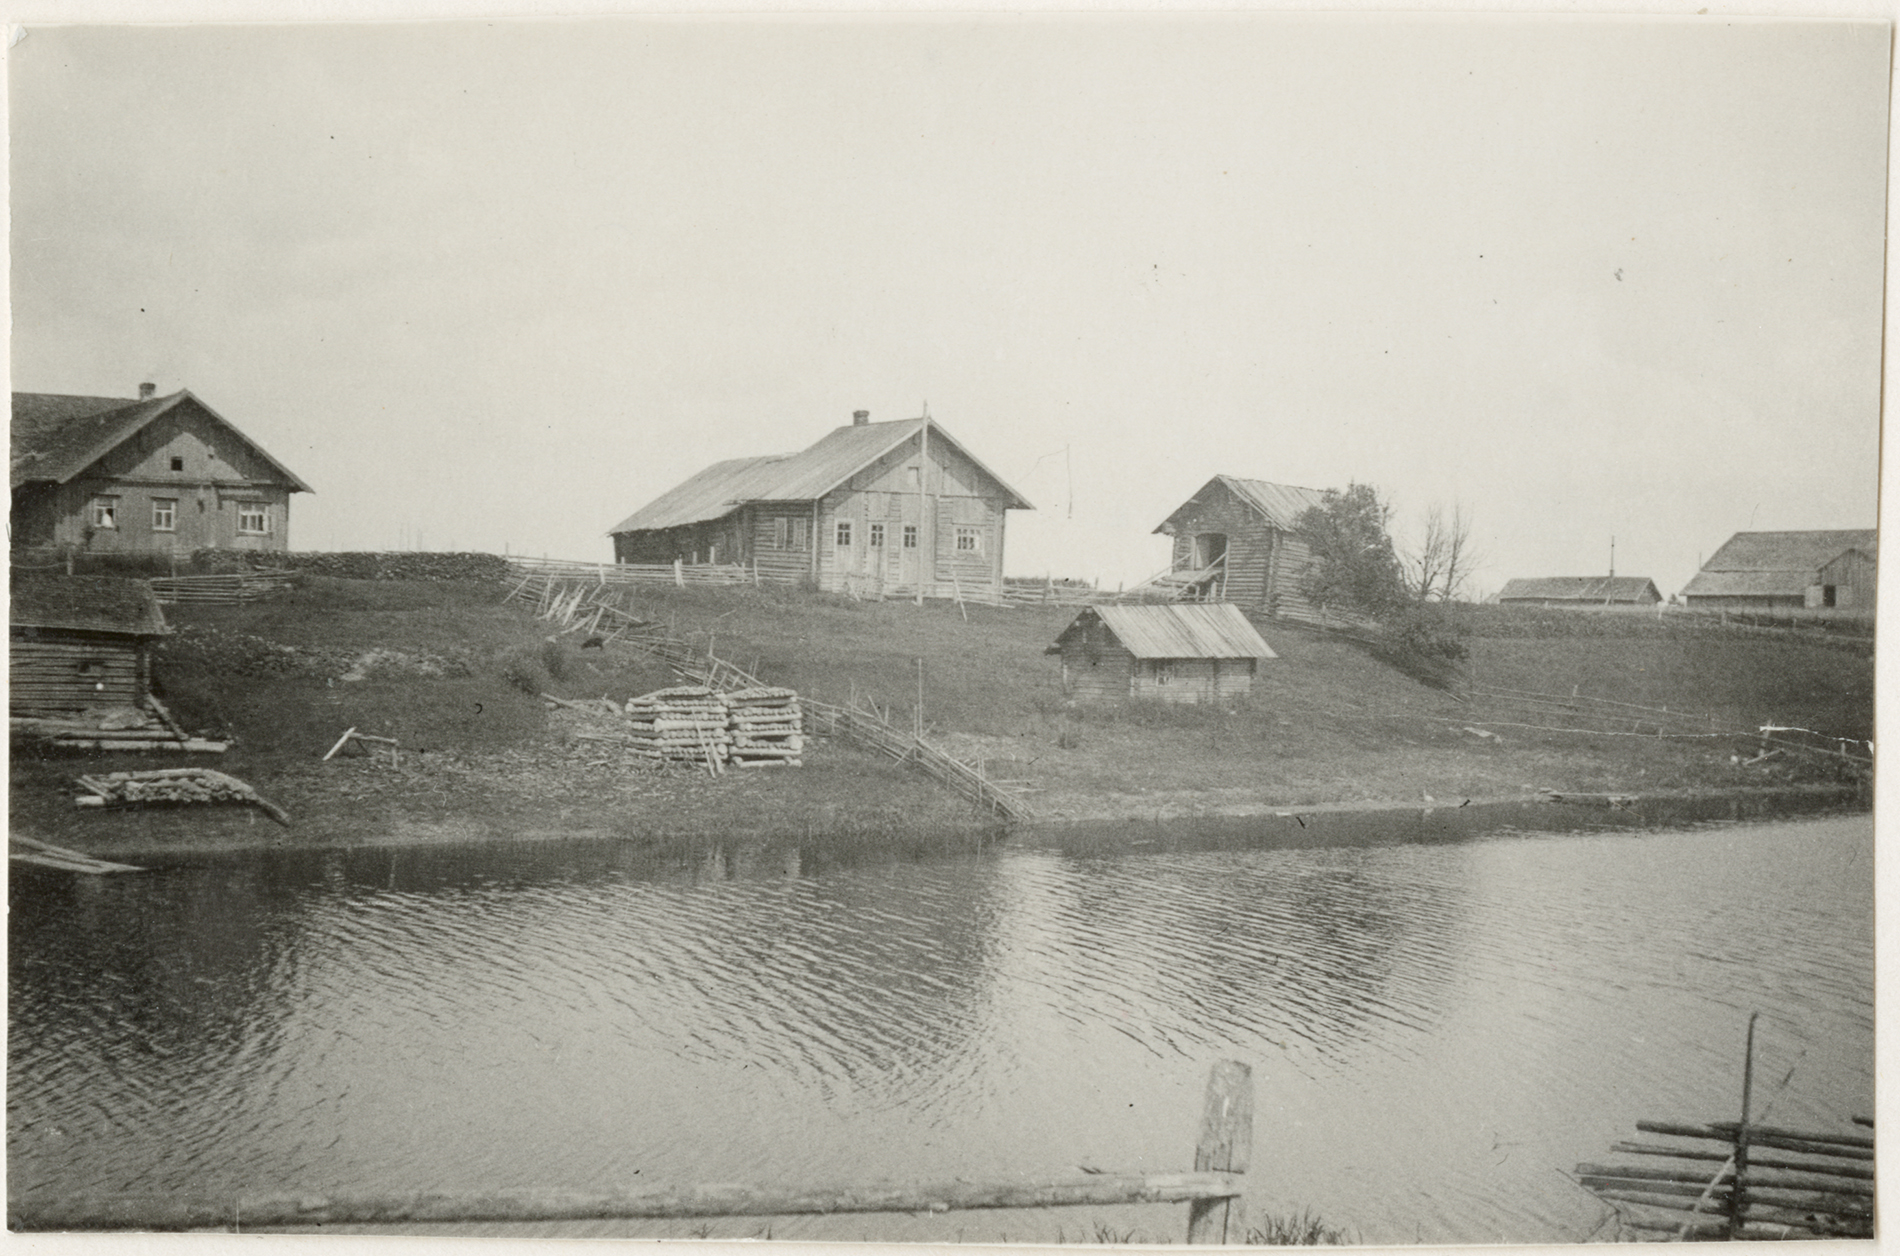 Salmi, Miinalan kylää joen varrella kuvattuna vuonna 1937. SKS KRA. Kuvaaja: Heikki T. Lehmusto.